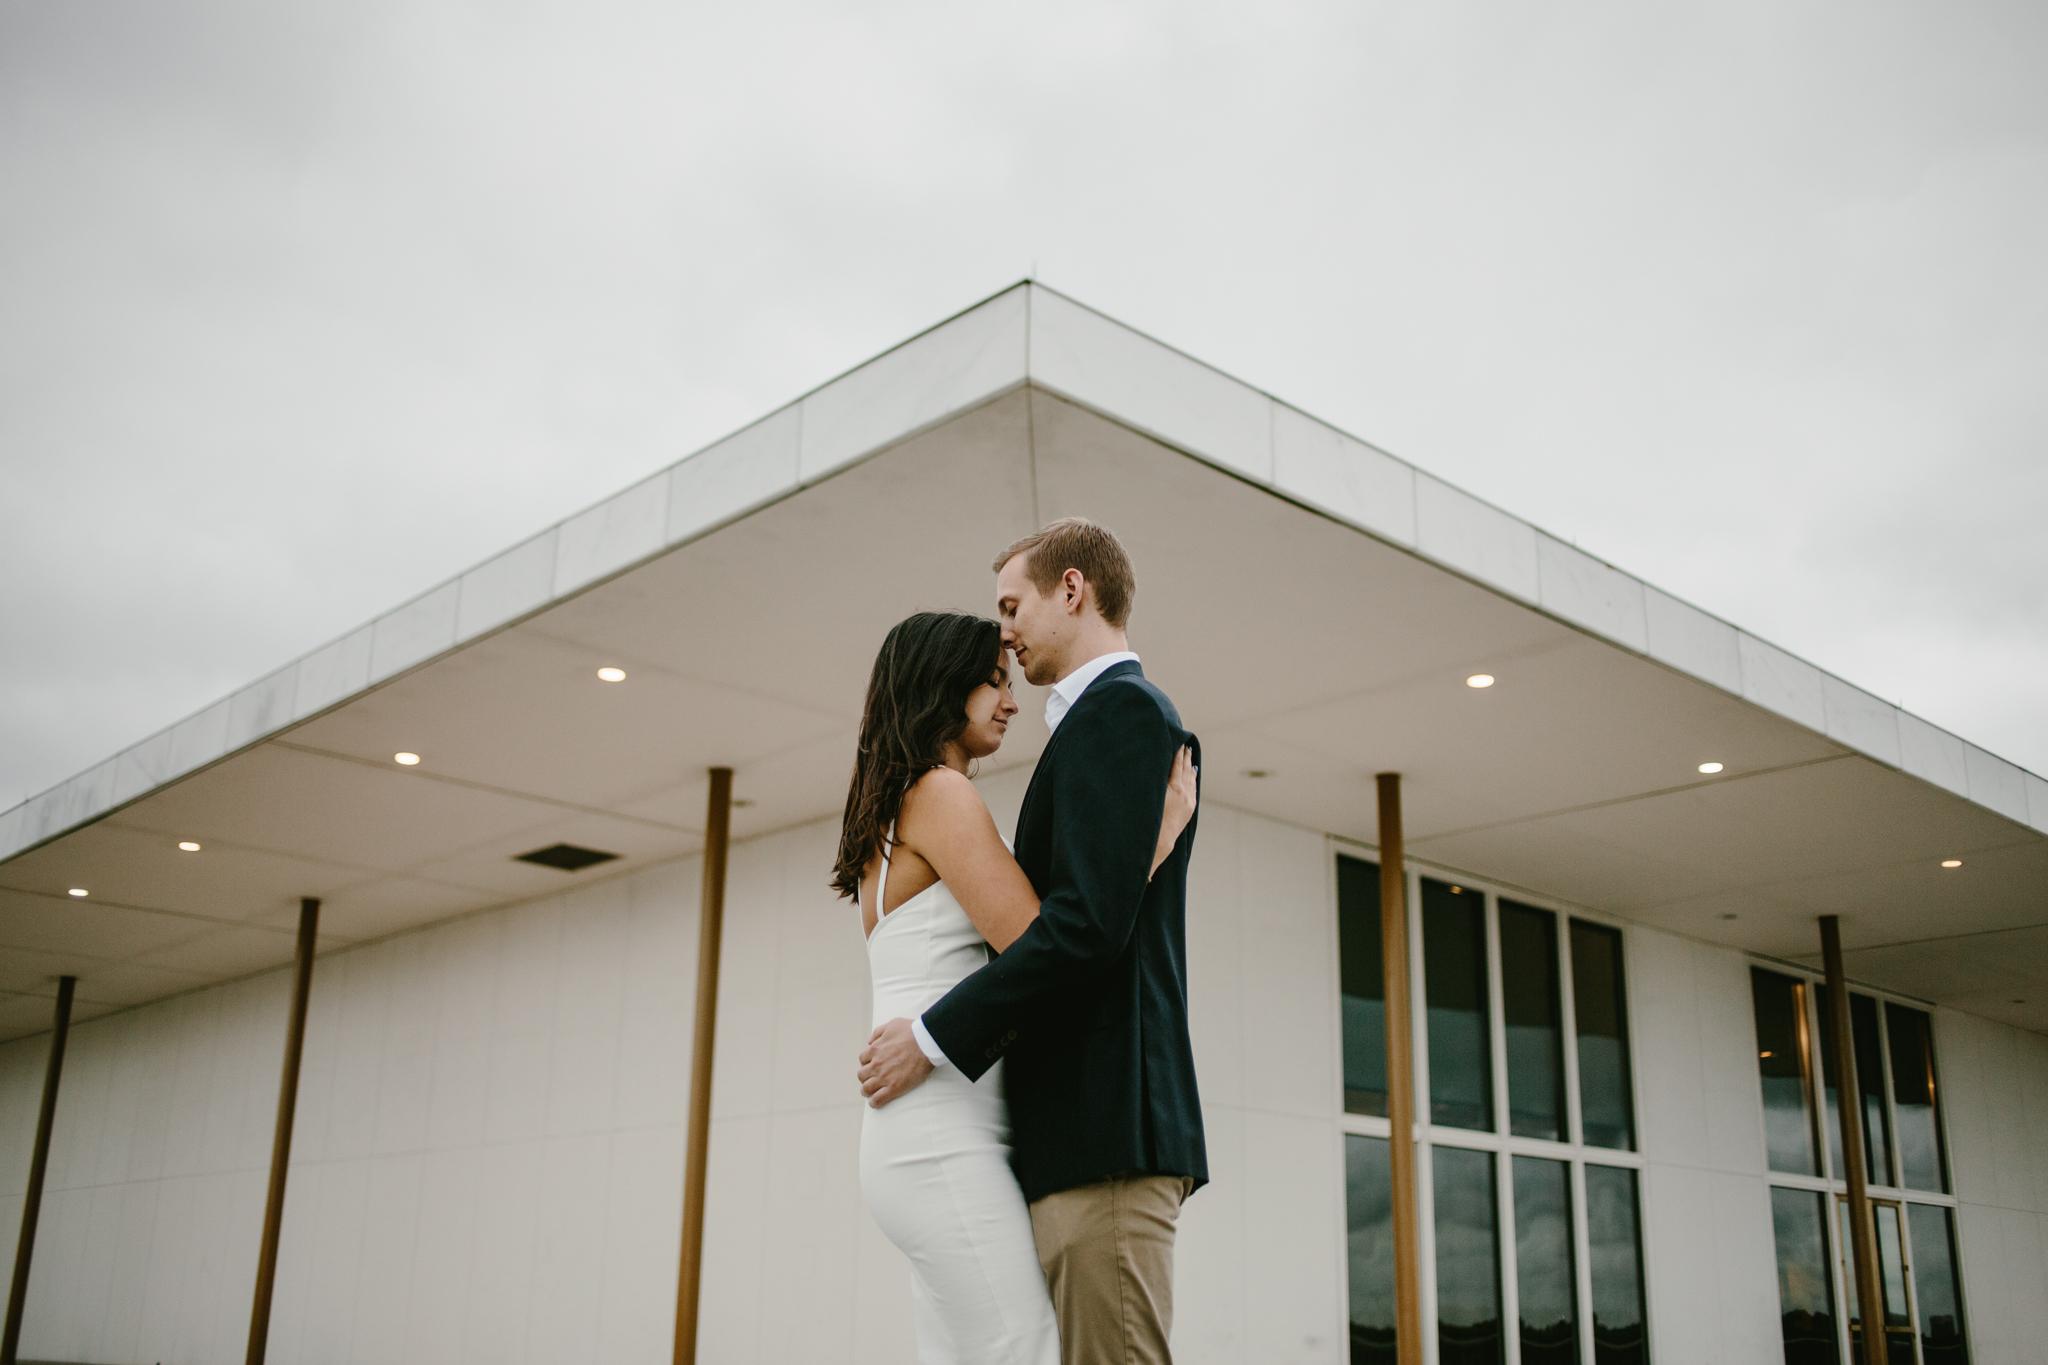 170524_0612_Gaby-Chris-Engagement_100.jpg